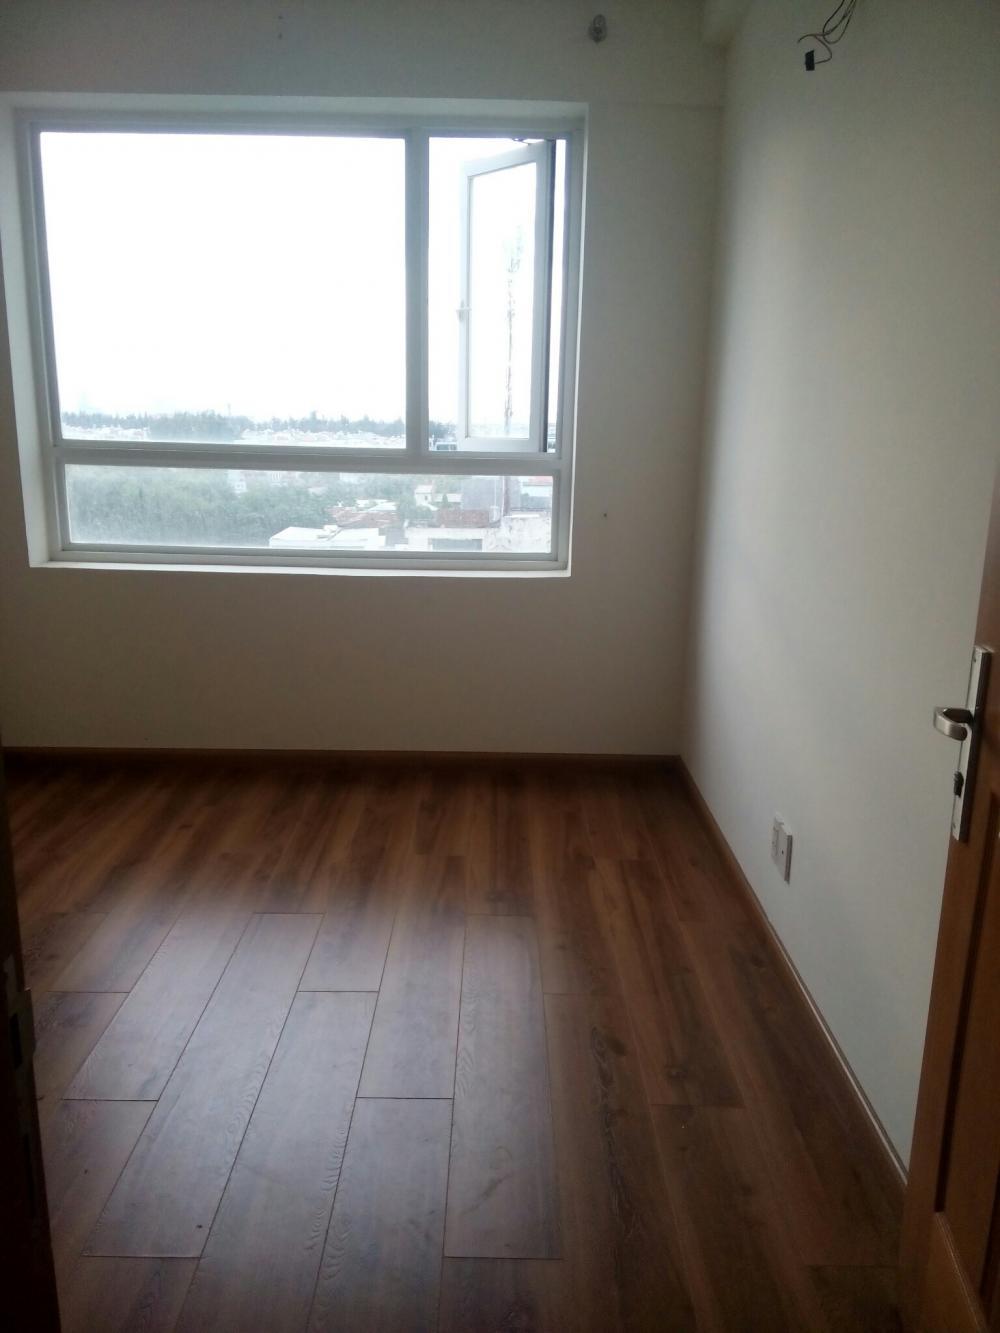 Cần cho thuê căn hộ Hưng Phát Nhà Bè 2PN, 85 m2 nhà trống giá chỉ 8 triệu/tháng  1577642